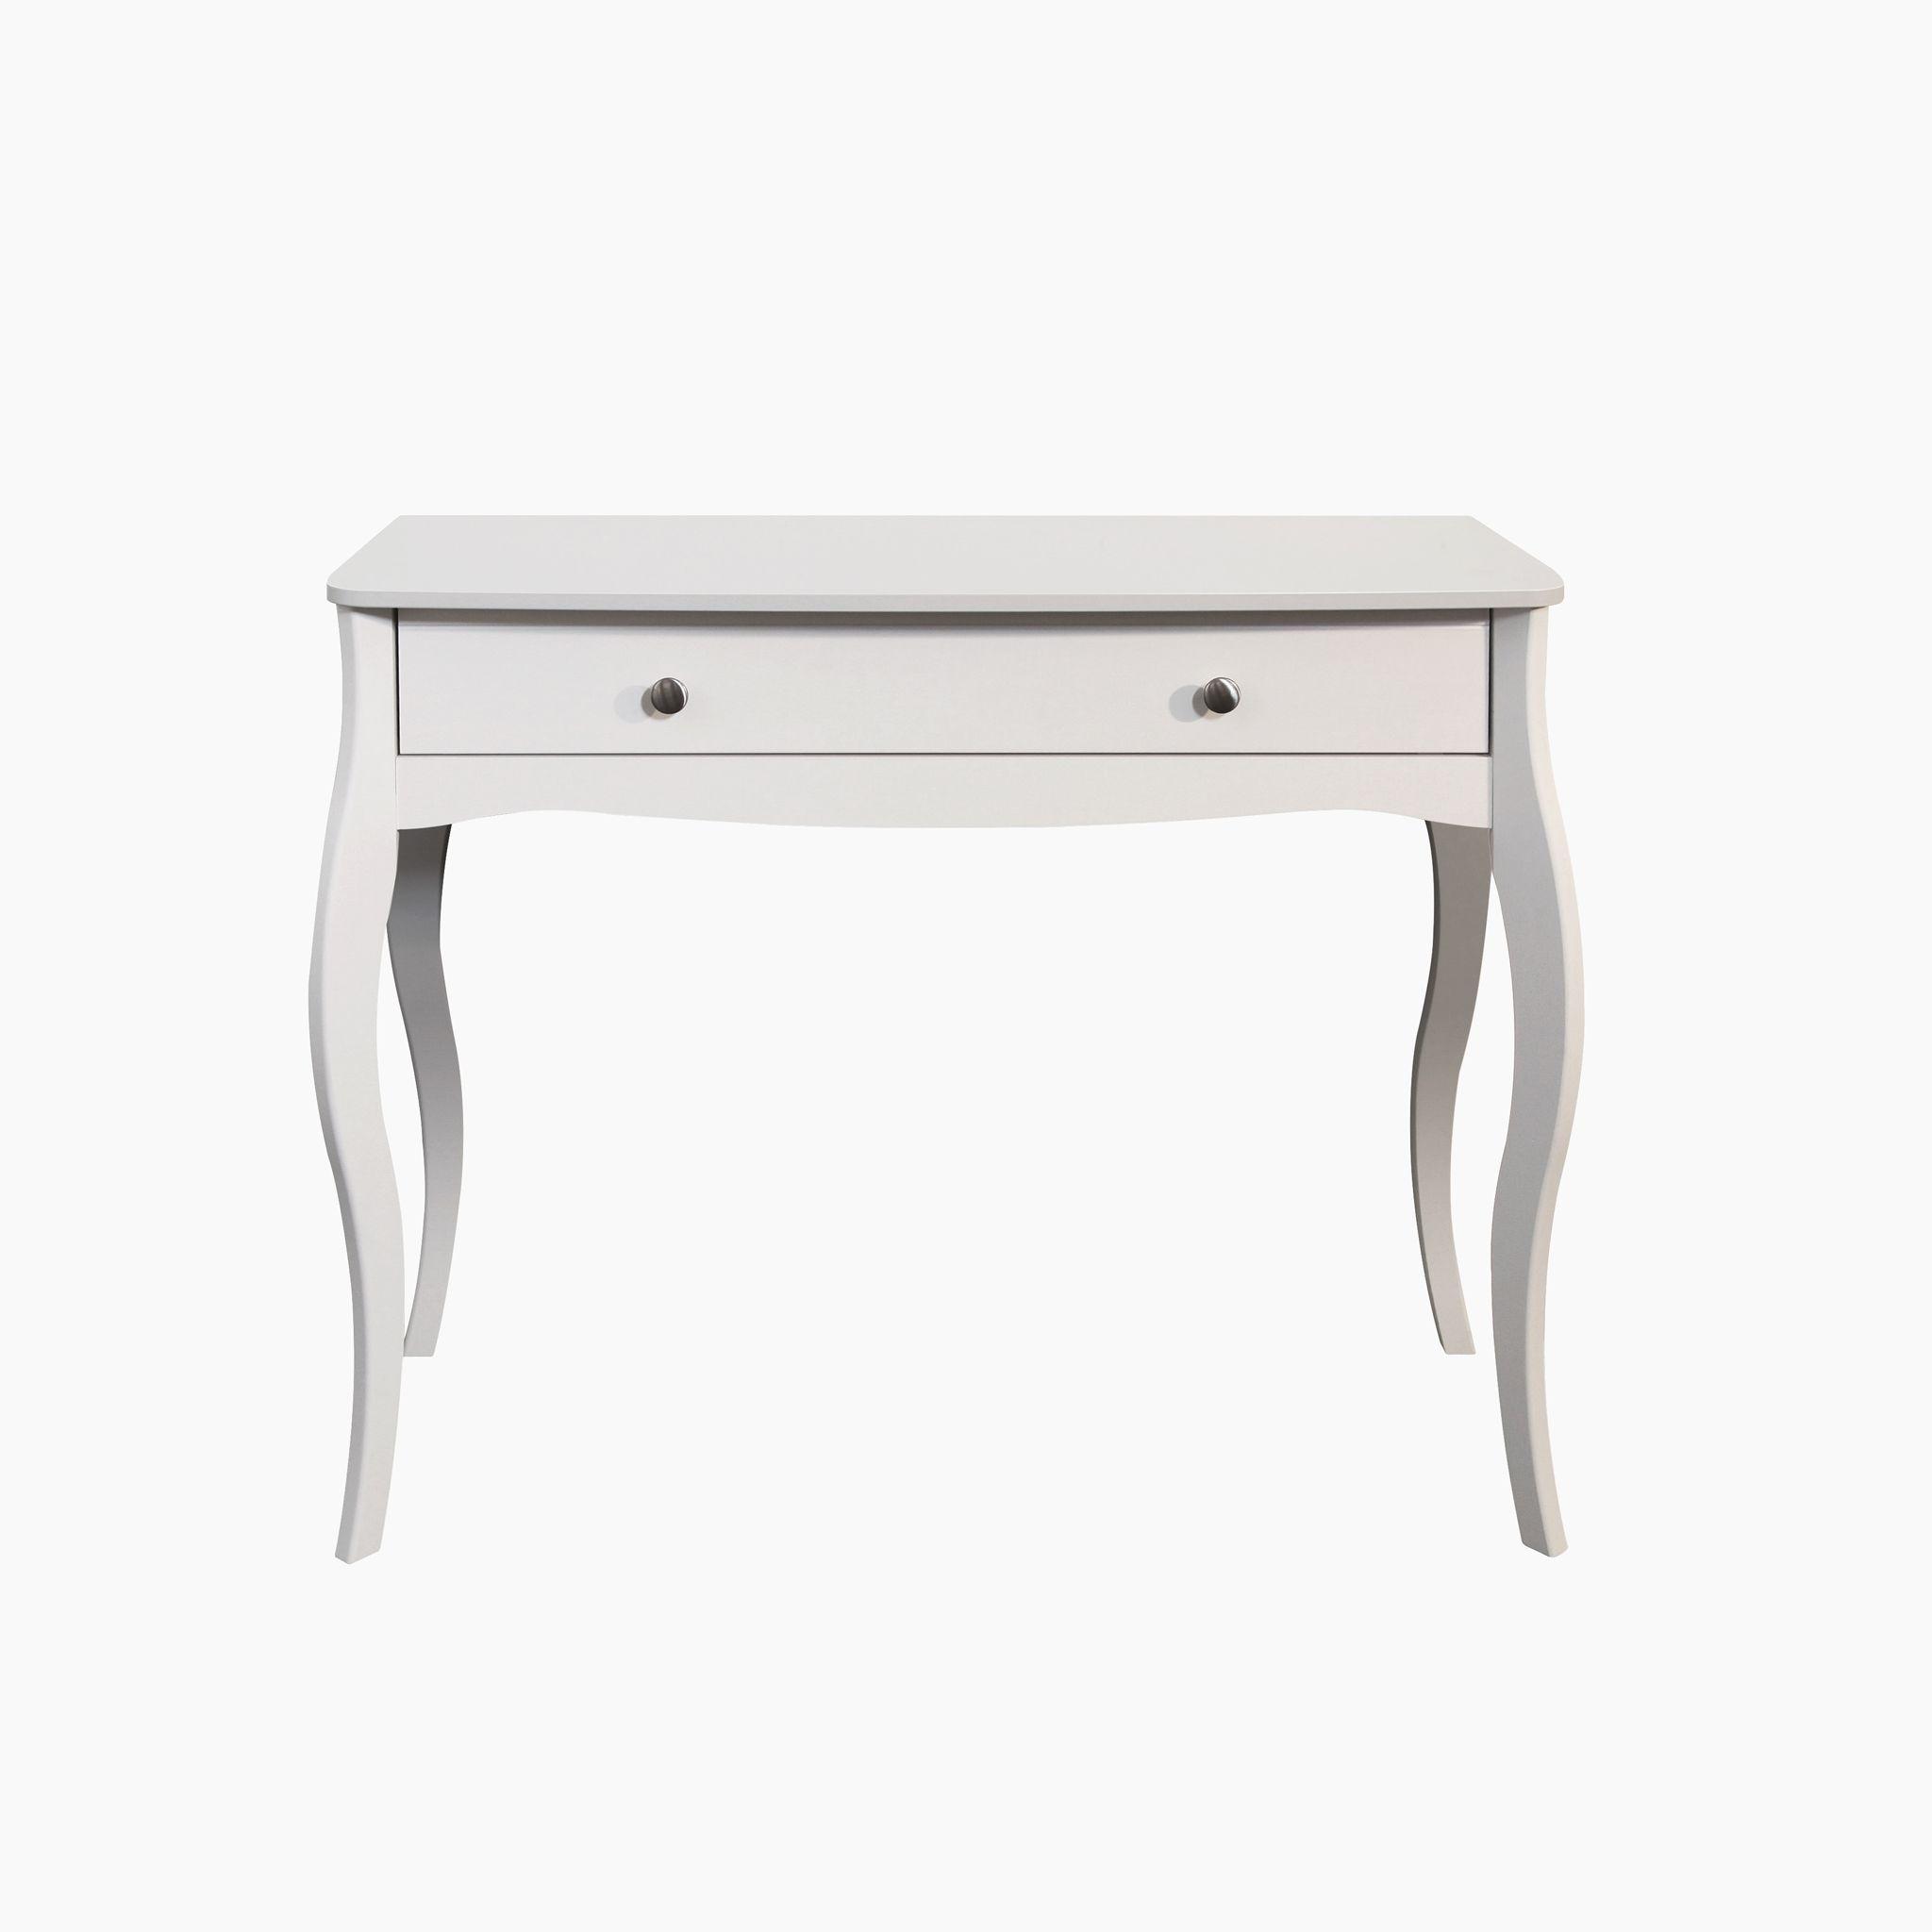 Lautner White Dressing Table Hmm Wmm Departments - White dressing table argos